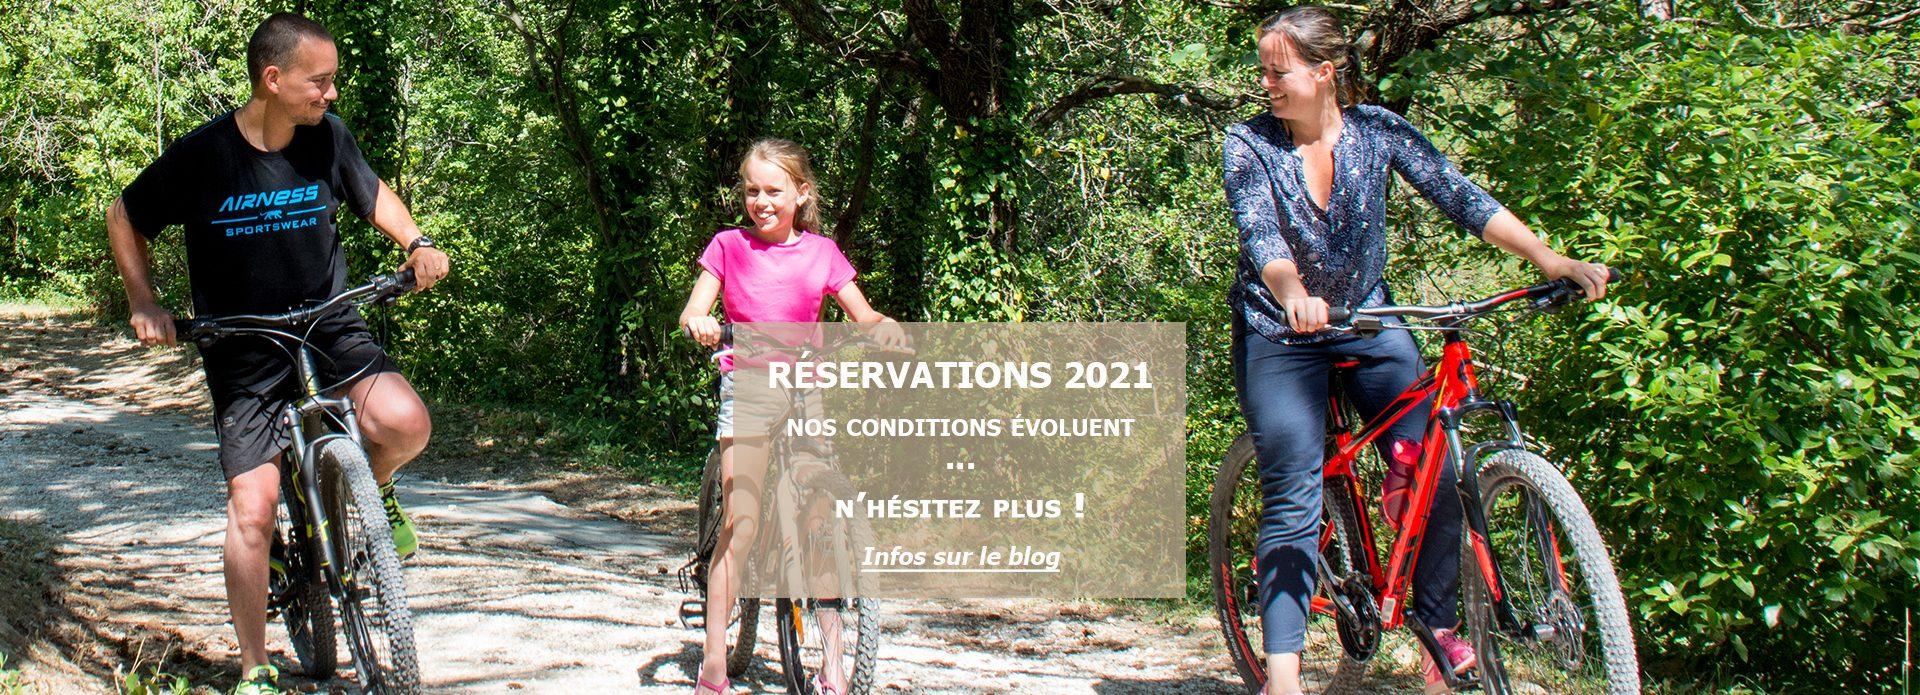 Réservations 2021